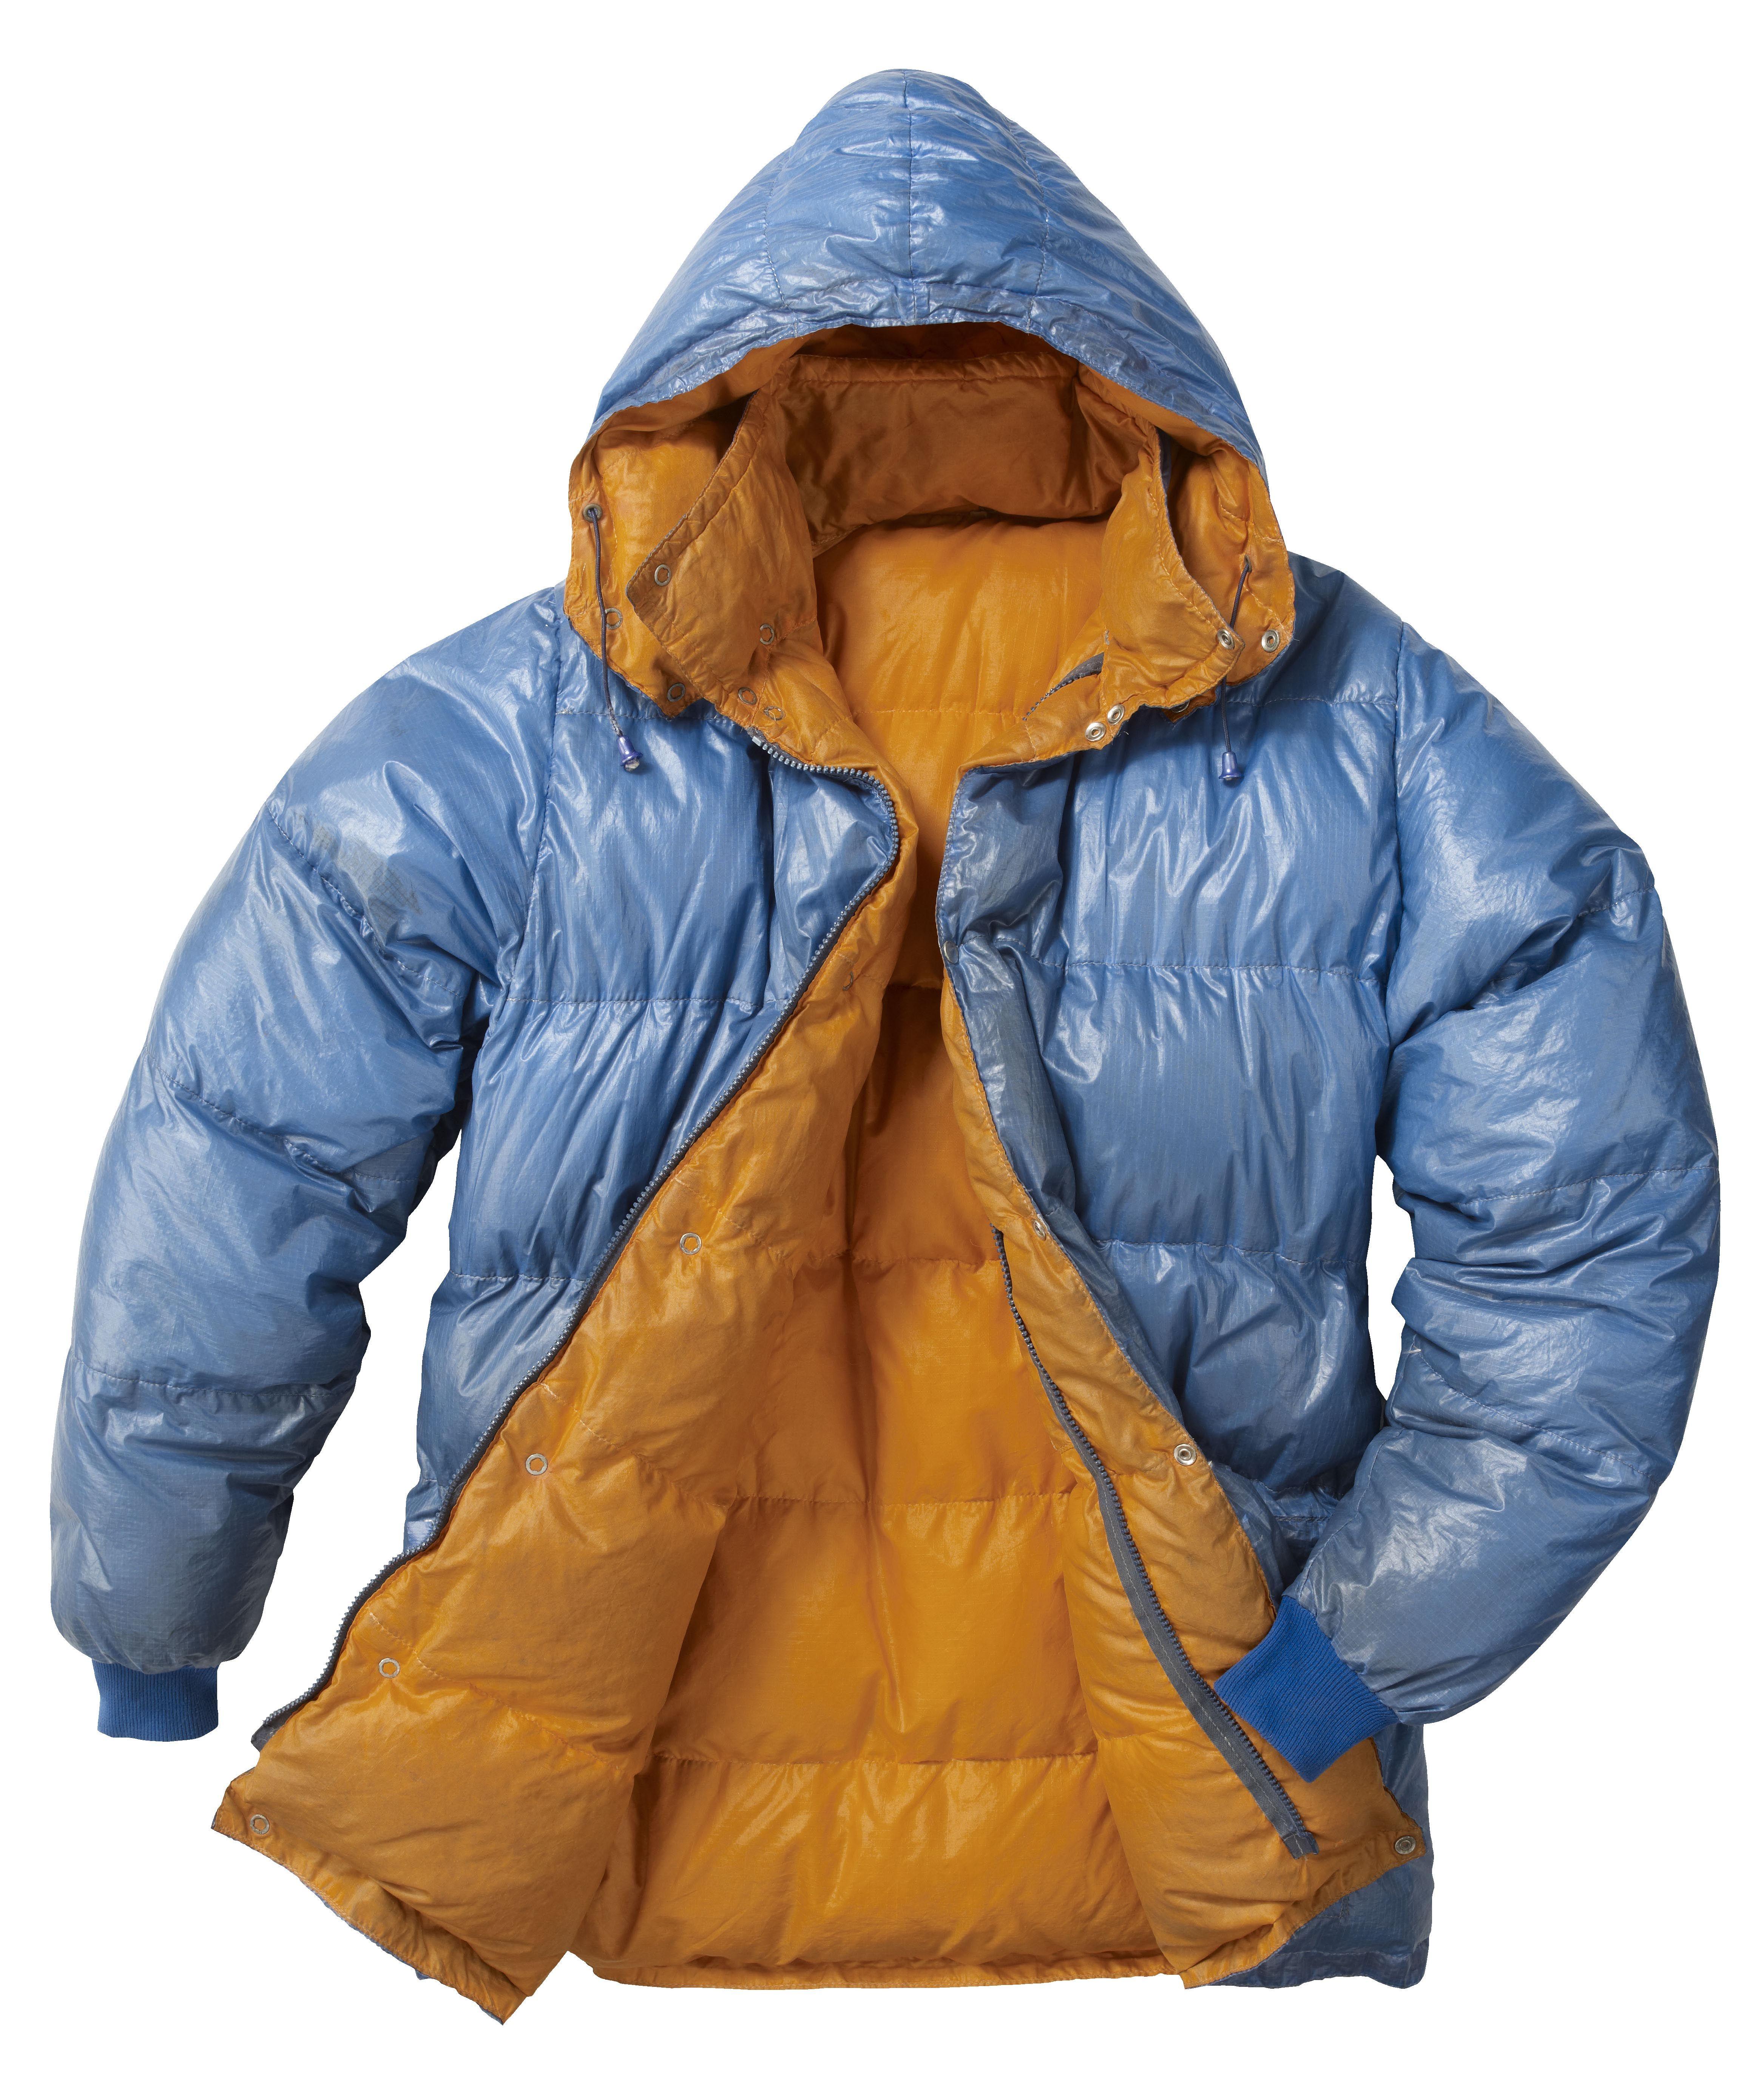 bc60d522a9e204 Annapurna Jacket Circa 1970